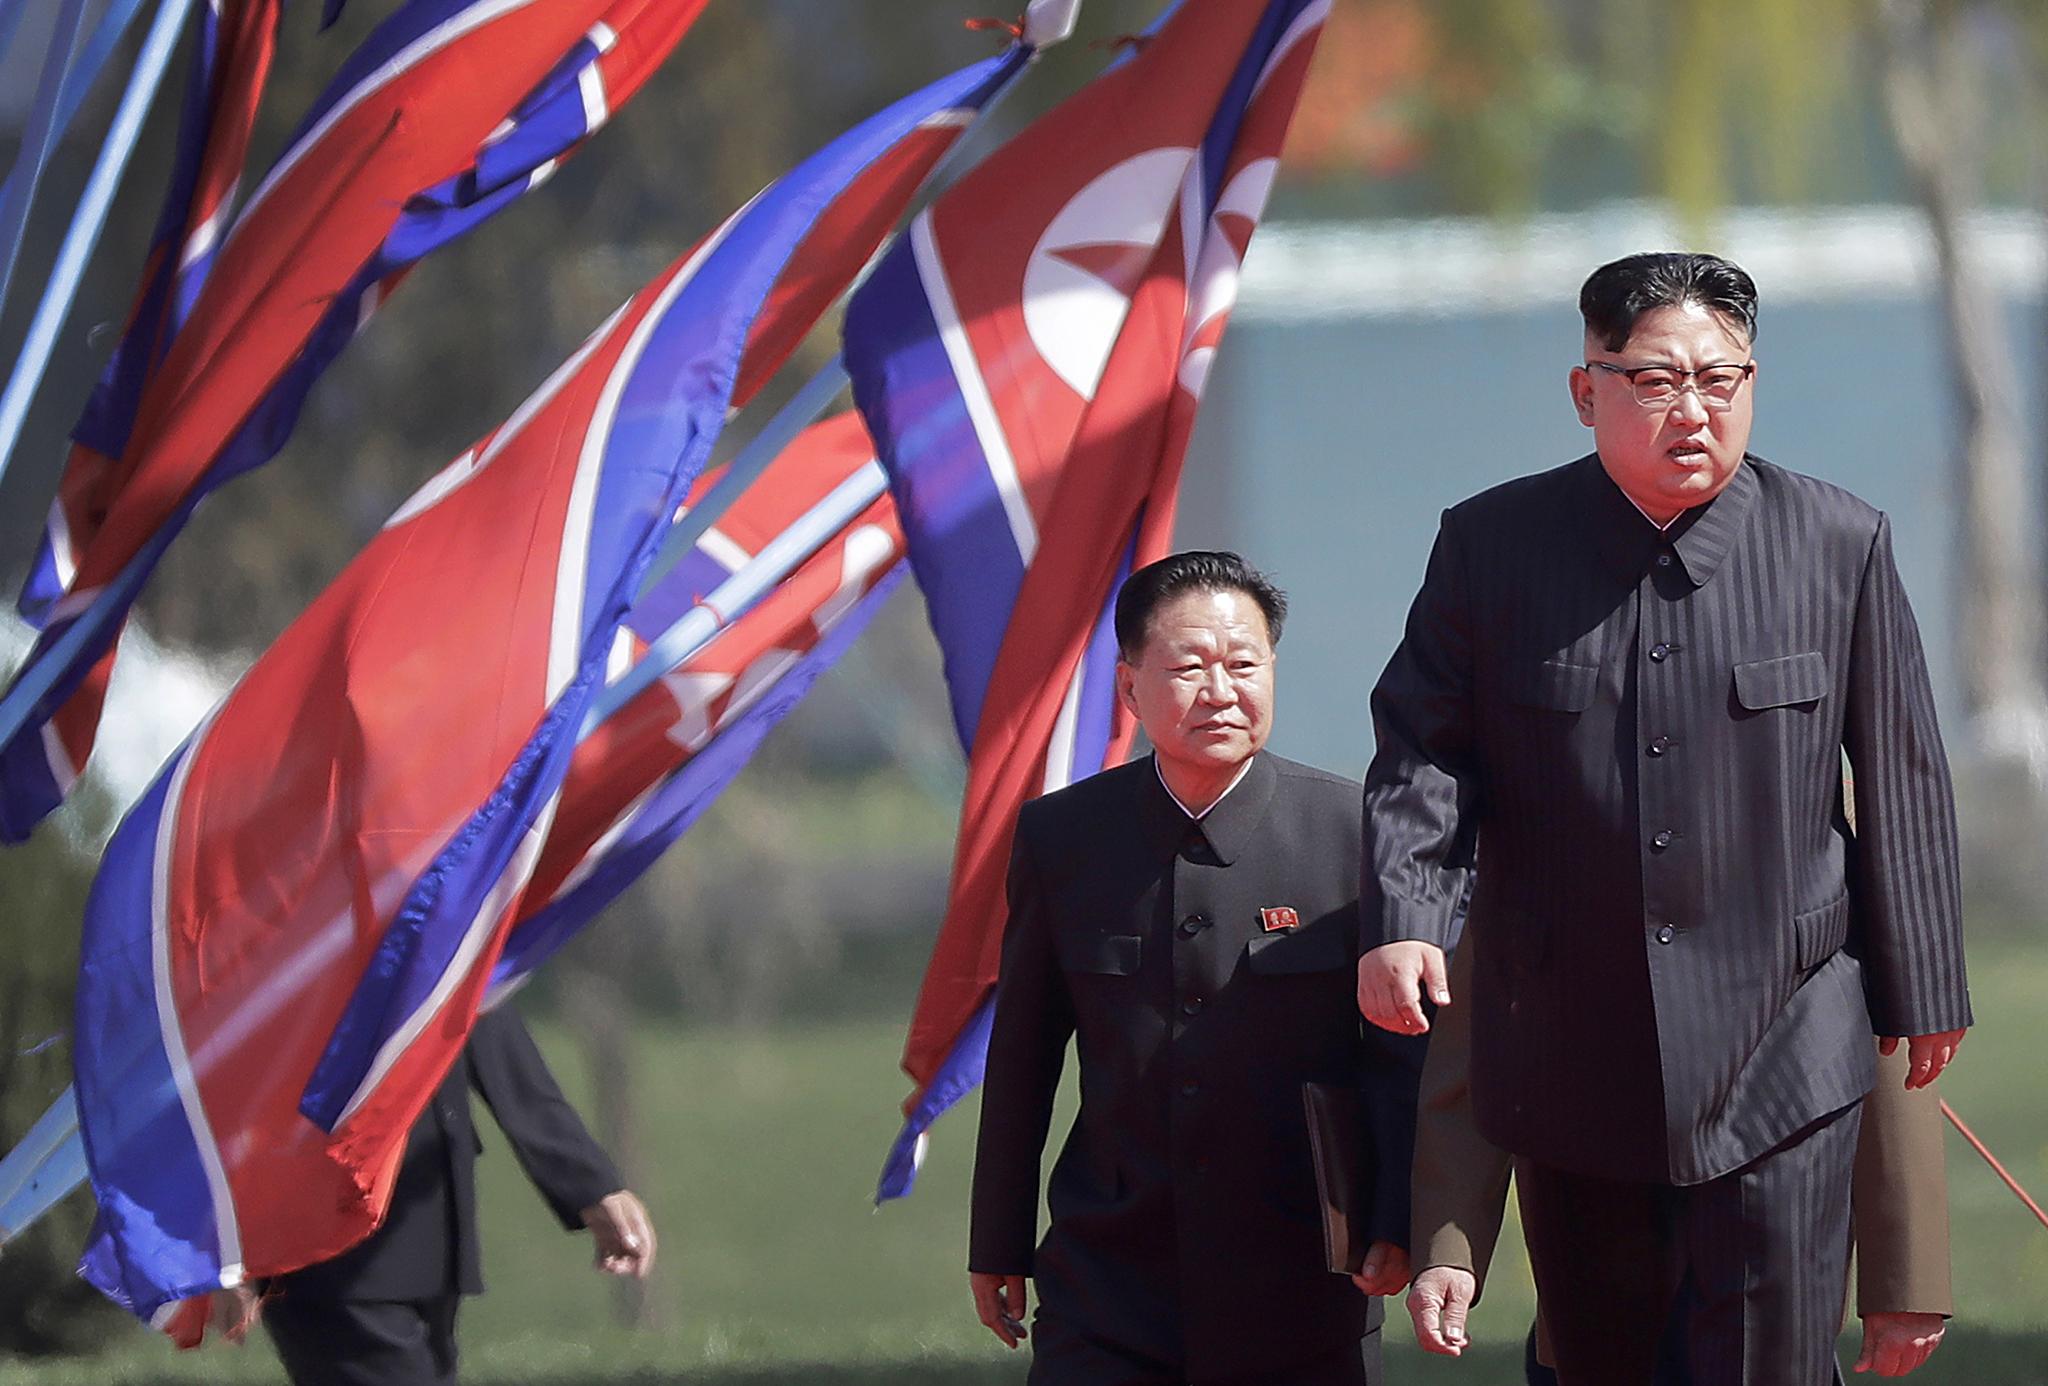 Kim Jong Un quer reforçar capacidade de defesa do país que já é potência nuclear